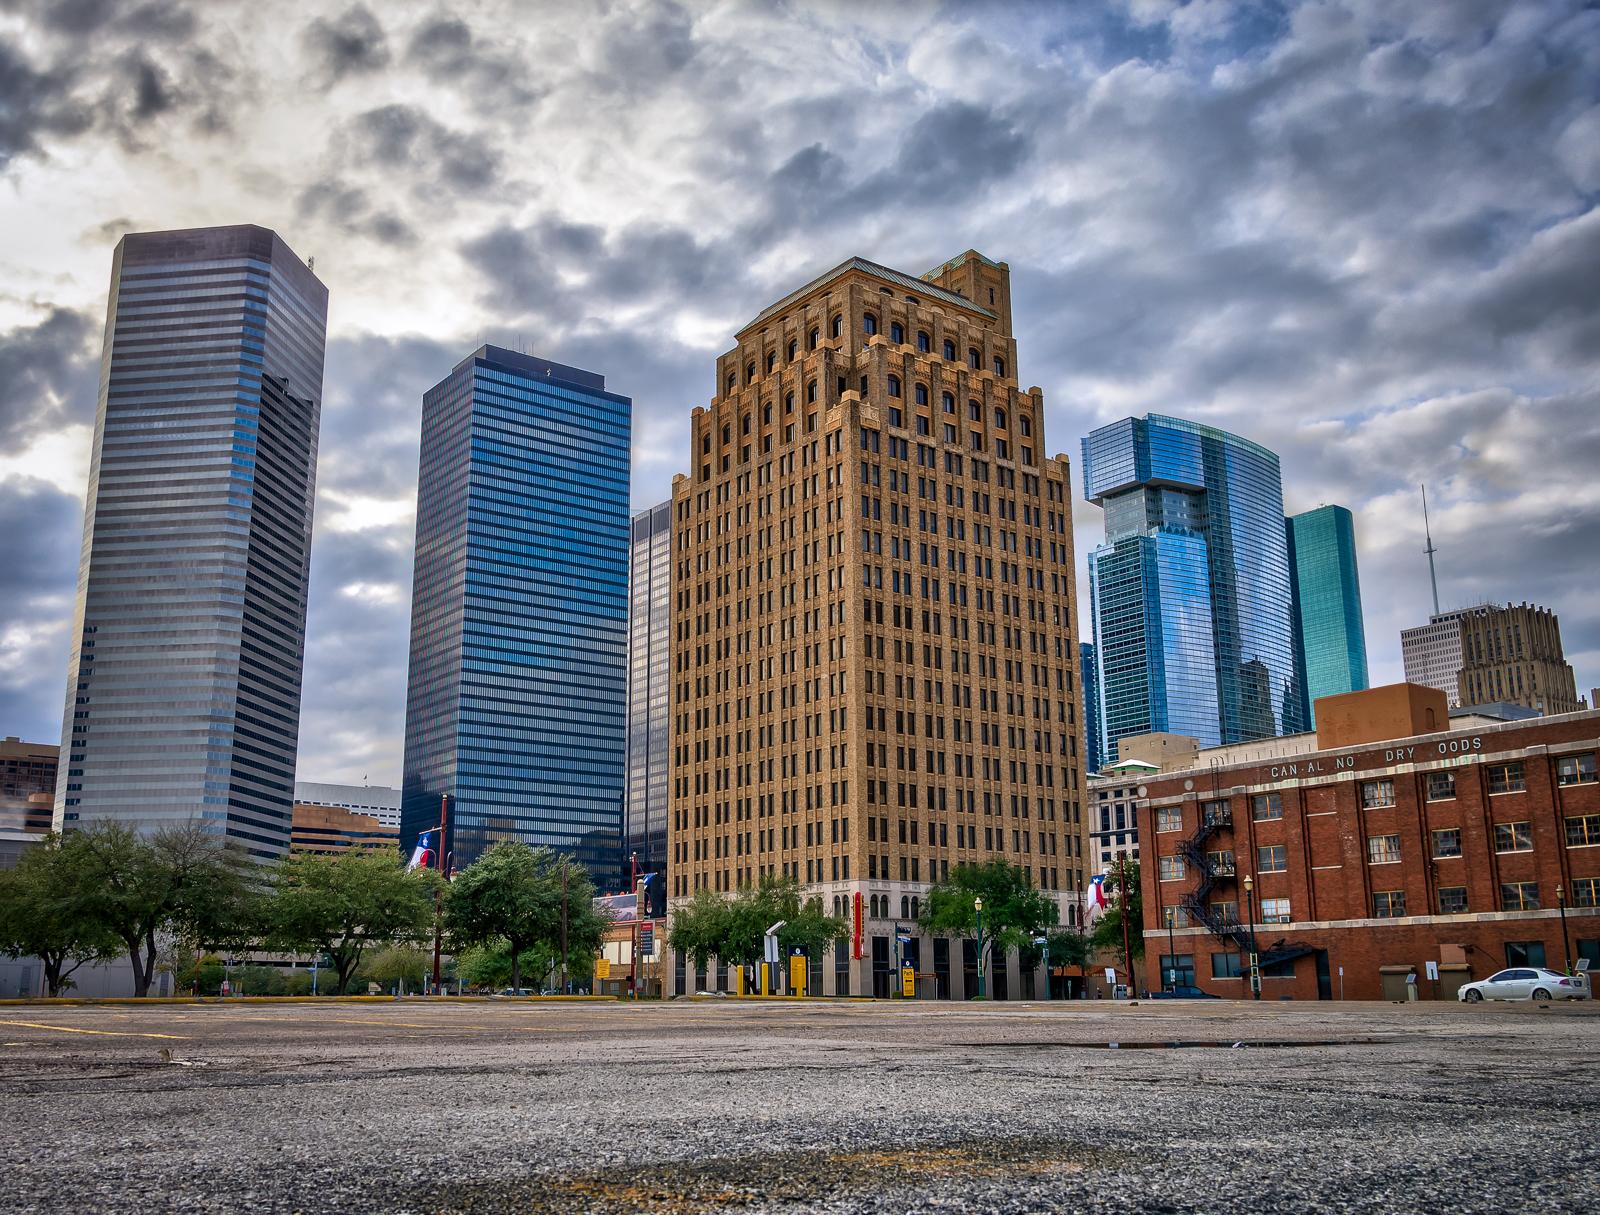 Parking lot in Houston